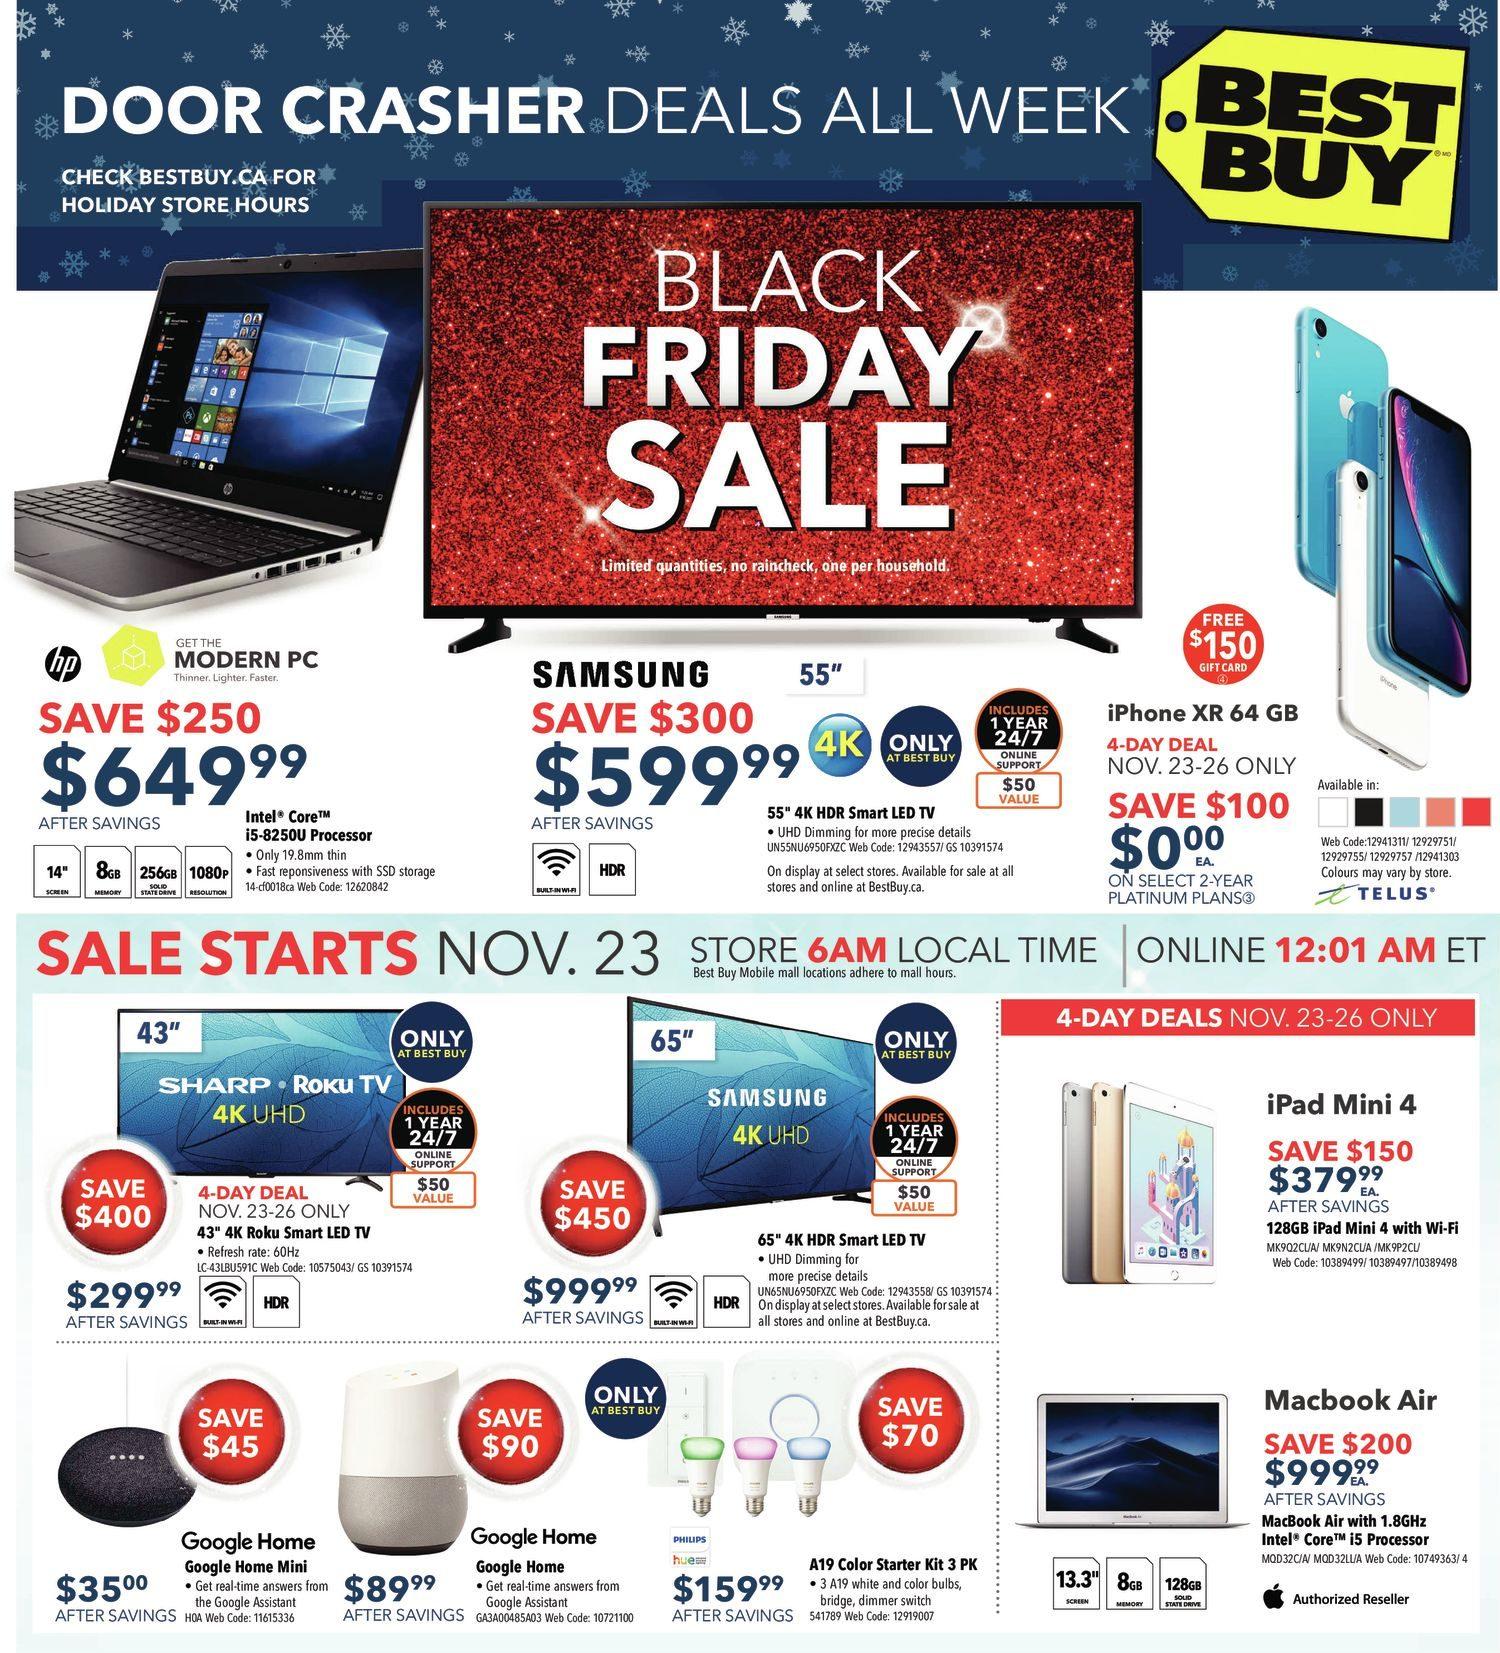 Best Buy Weekly Flyer Black Friday Sale Nov 23 29 Teac Wiring Color Code